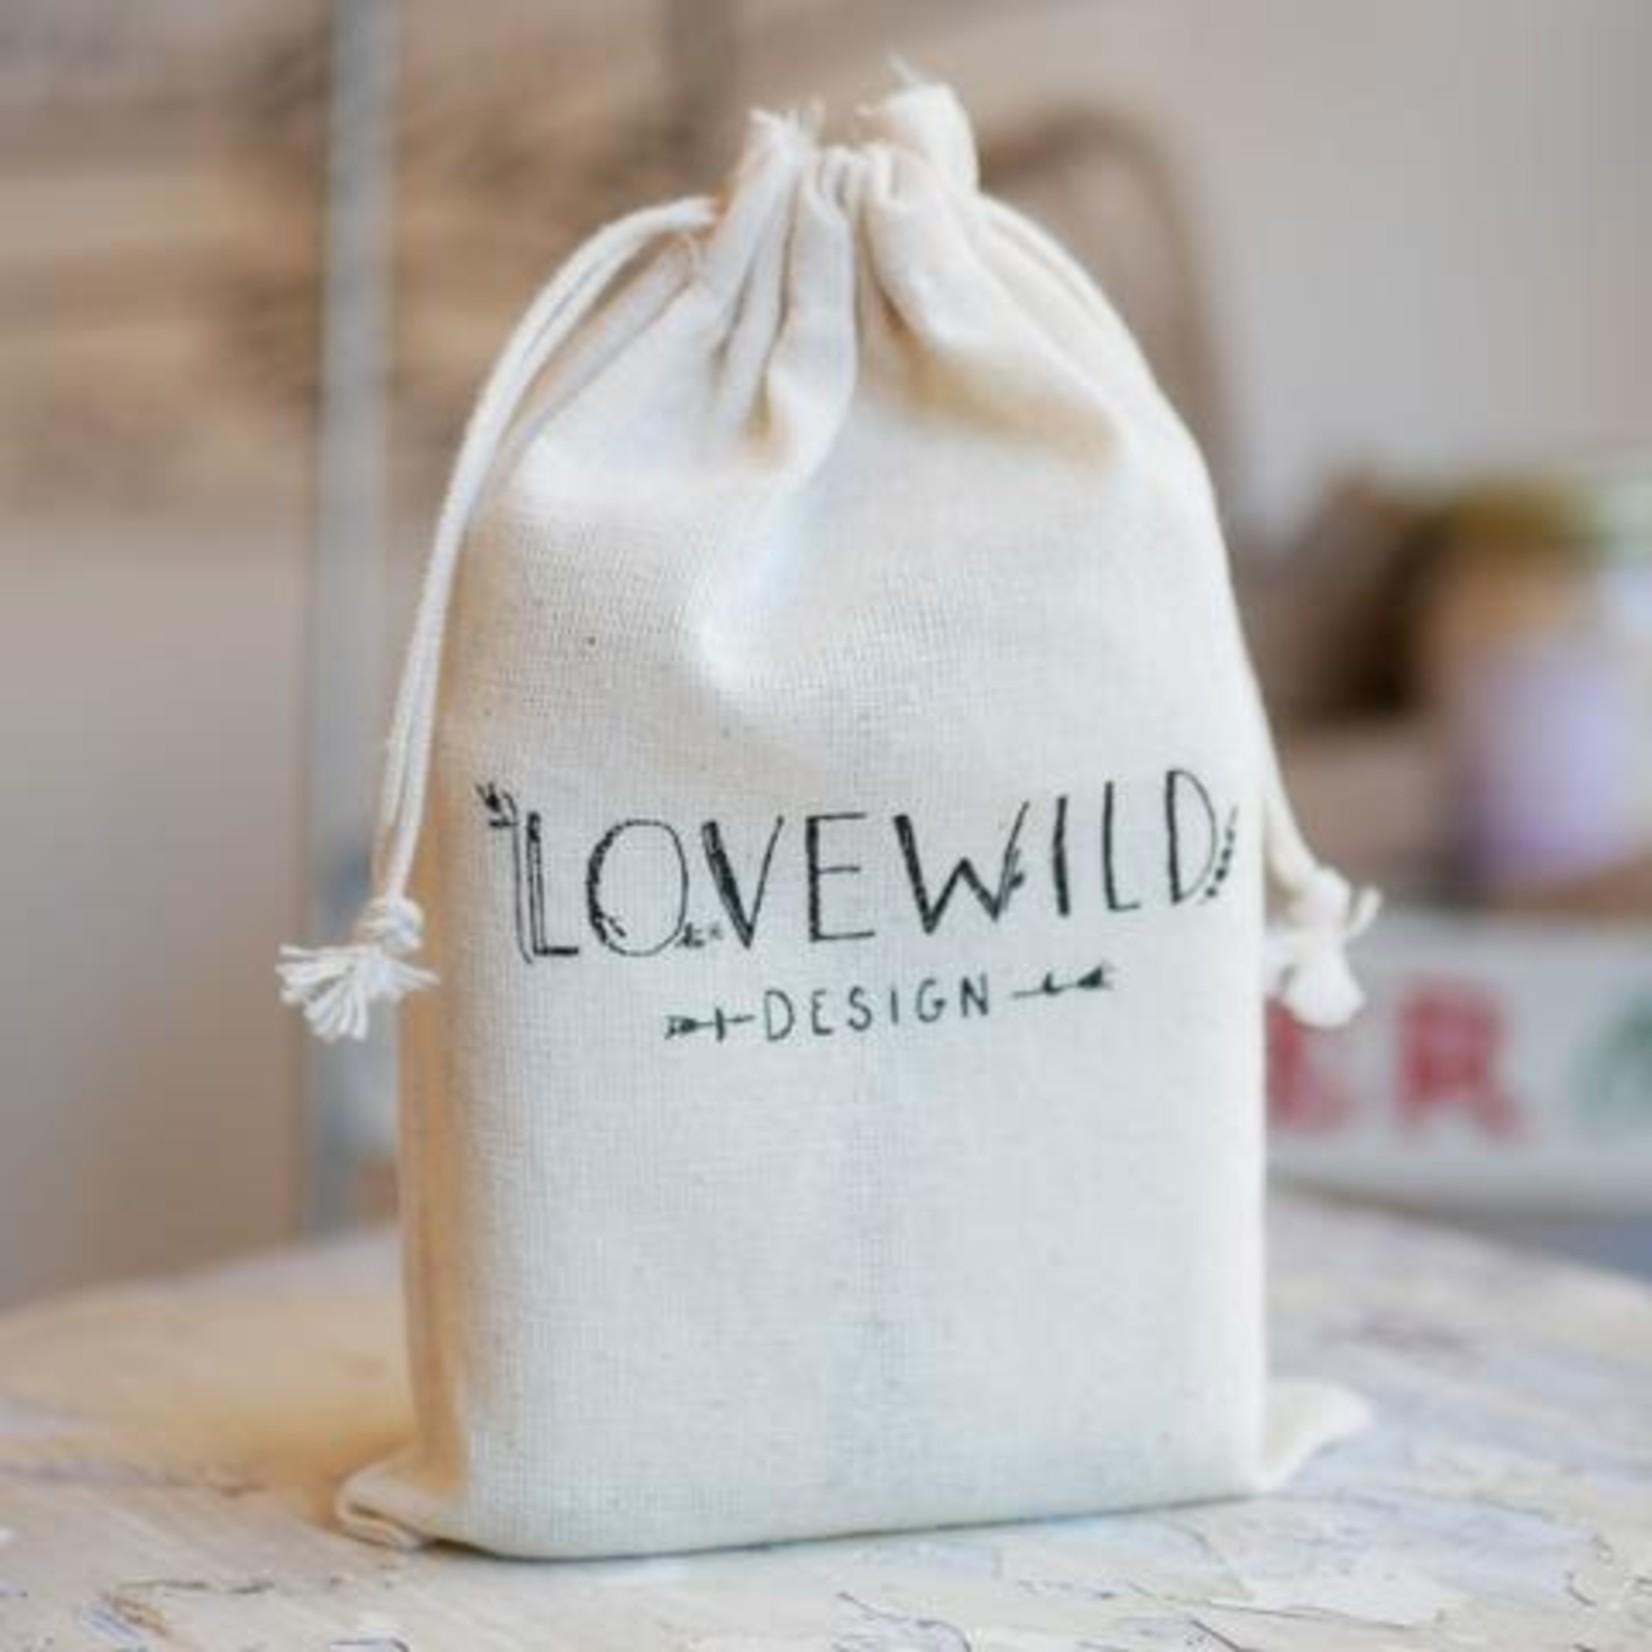 Lovewild Designs Milk Bath Travel Set